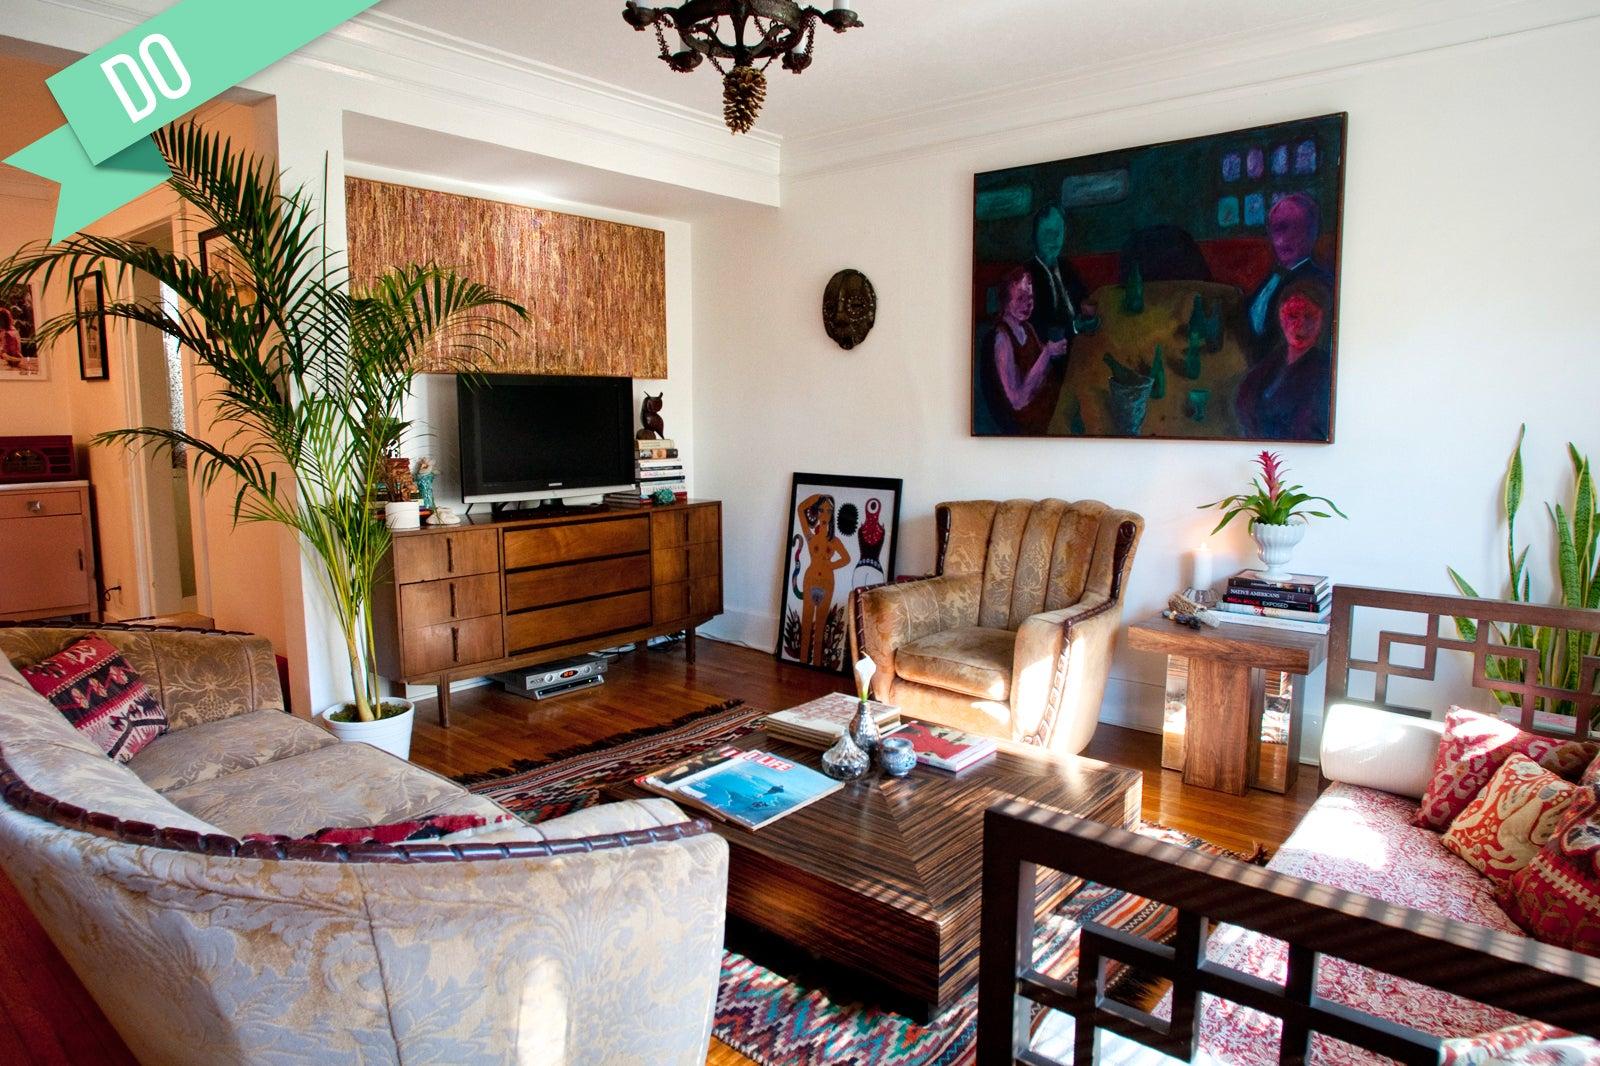 feng shui decor tips feng shui interior design. Black Bedroom Furniture Sets. Home Design Ideas